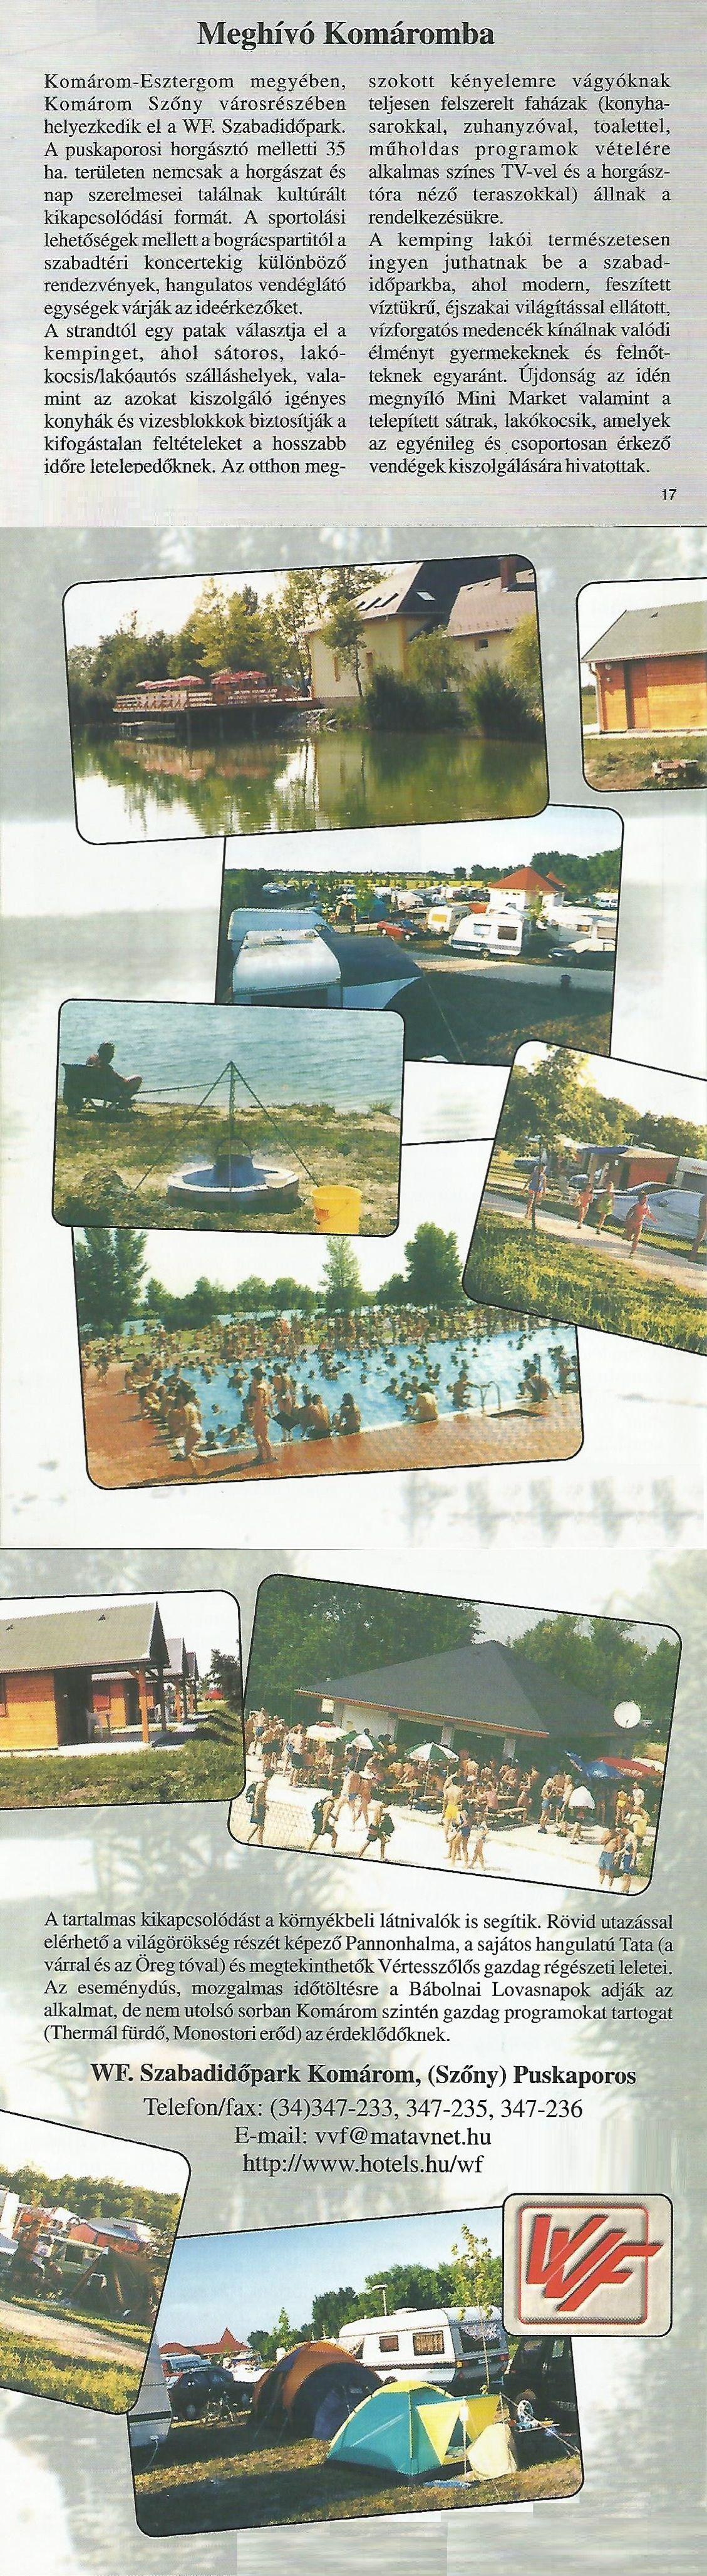 Karavándor magazin 2001. Nyár, Meghívó Komáromba